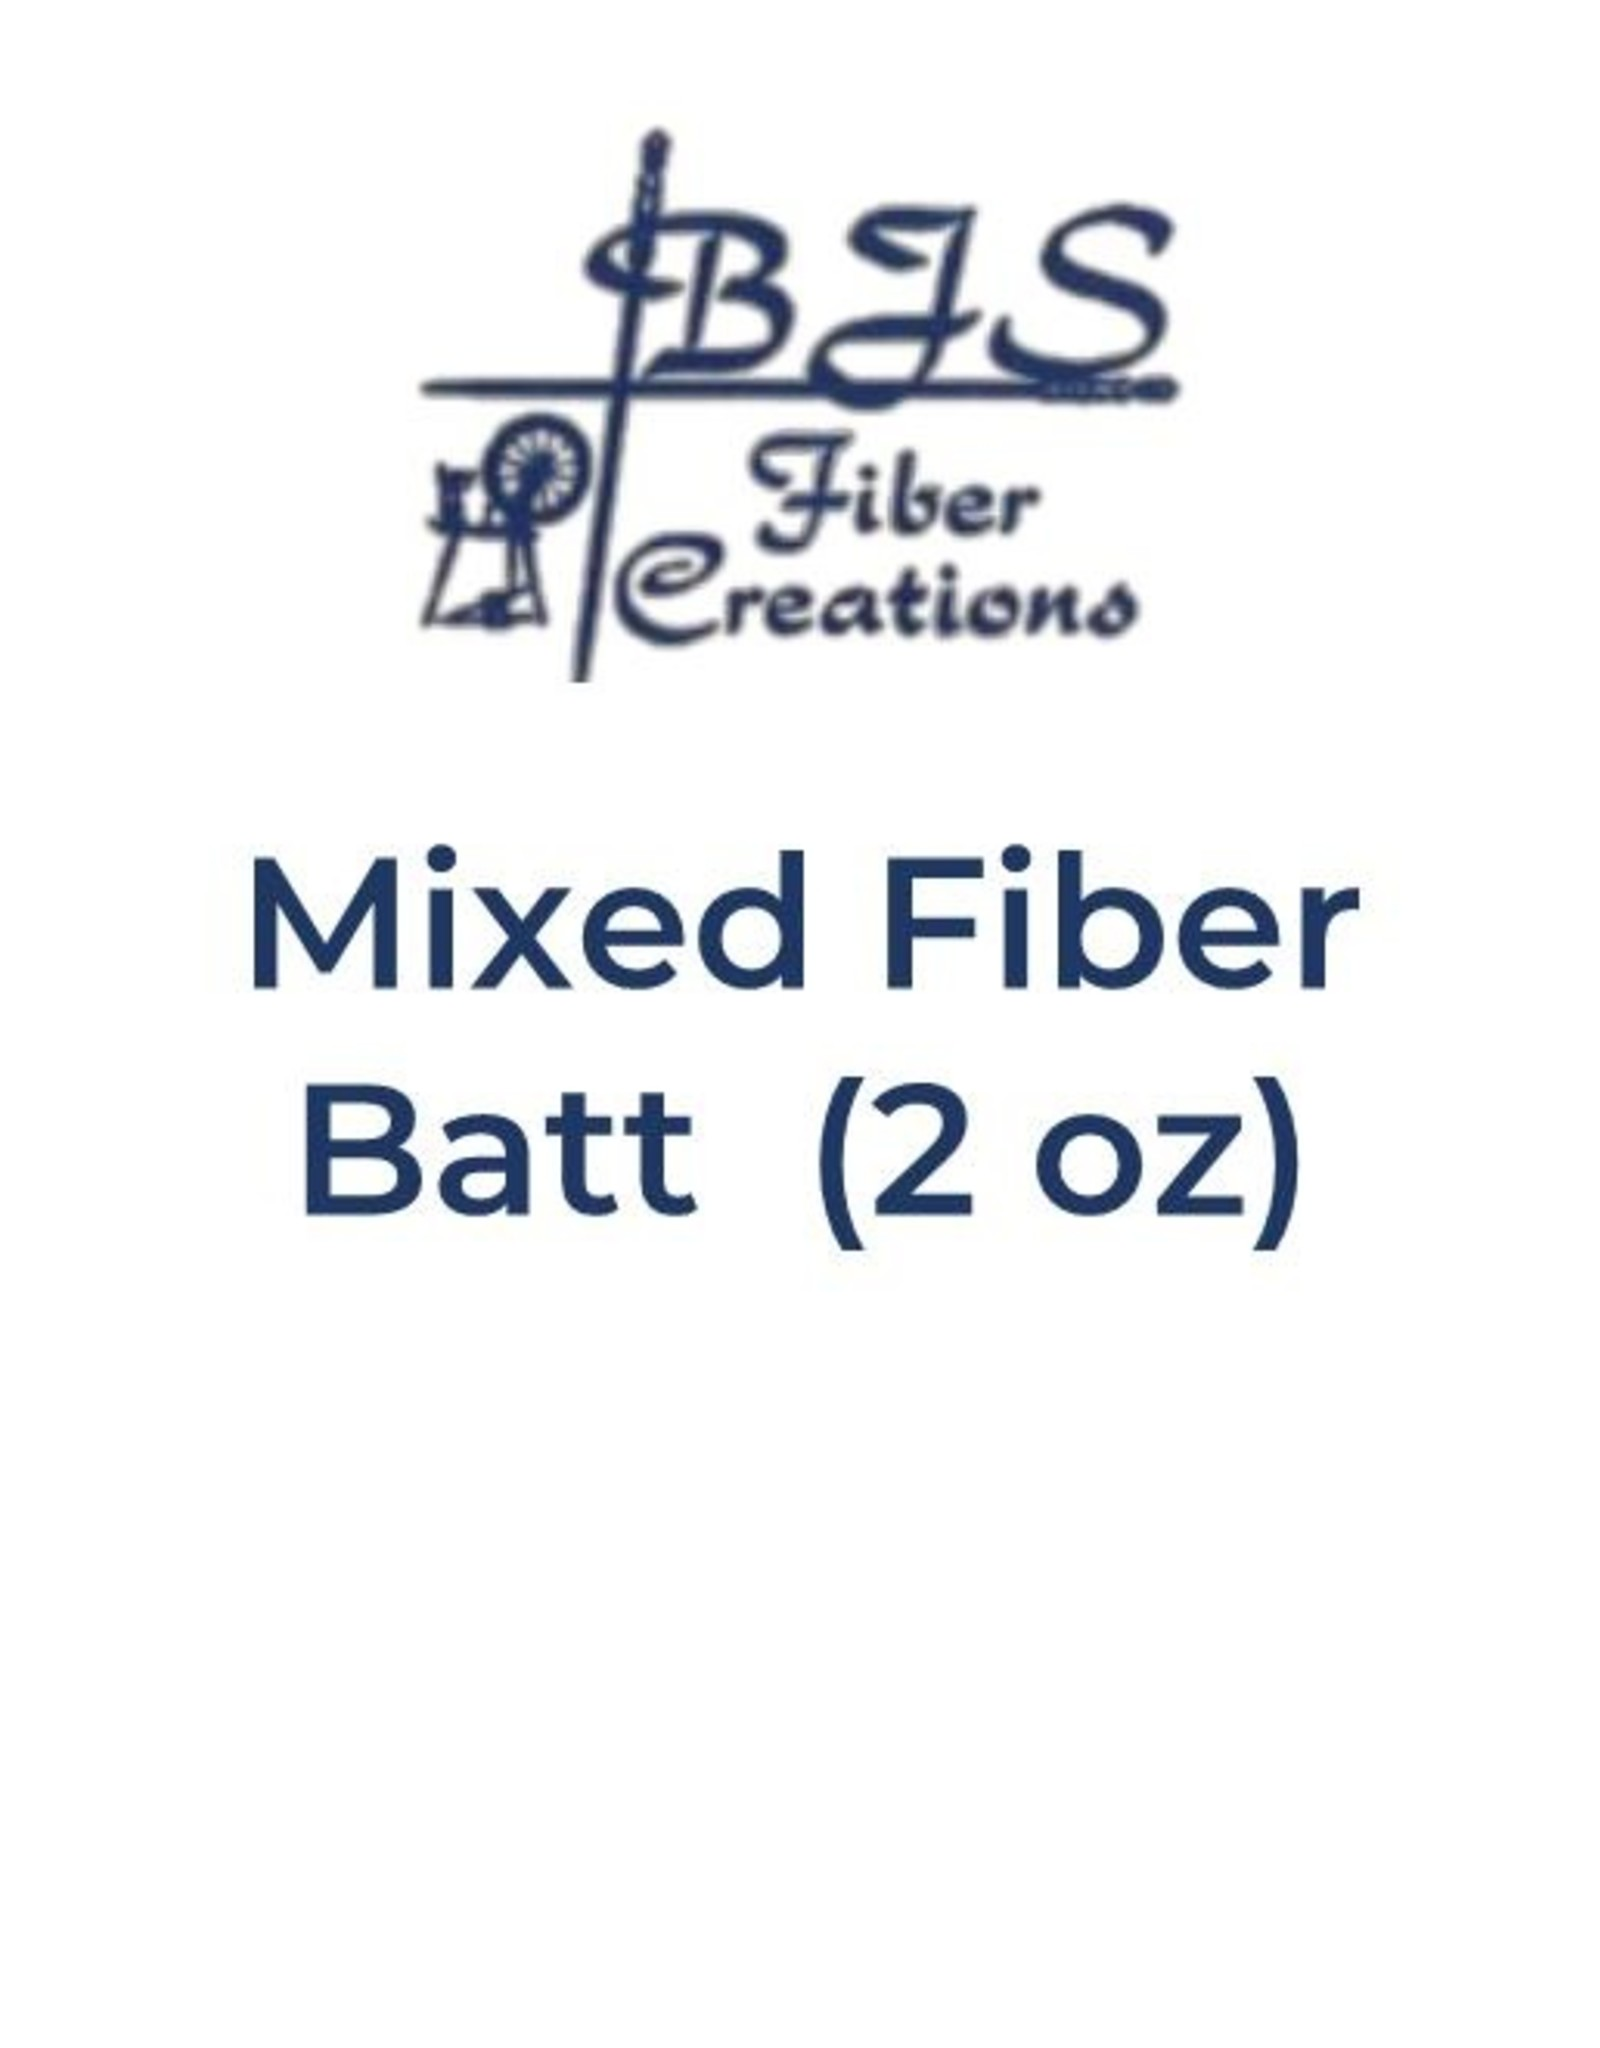 BJS Trunk Show Mixed Fiber Batts (2 oz) BATT #14